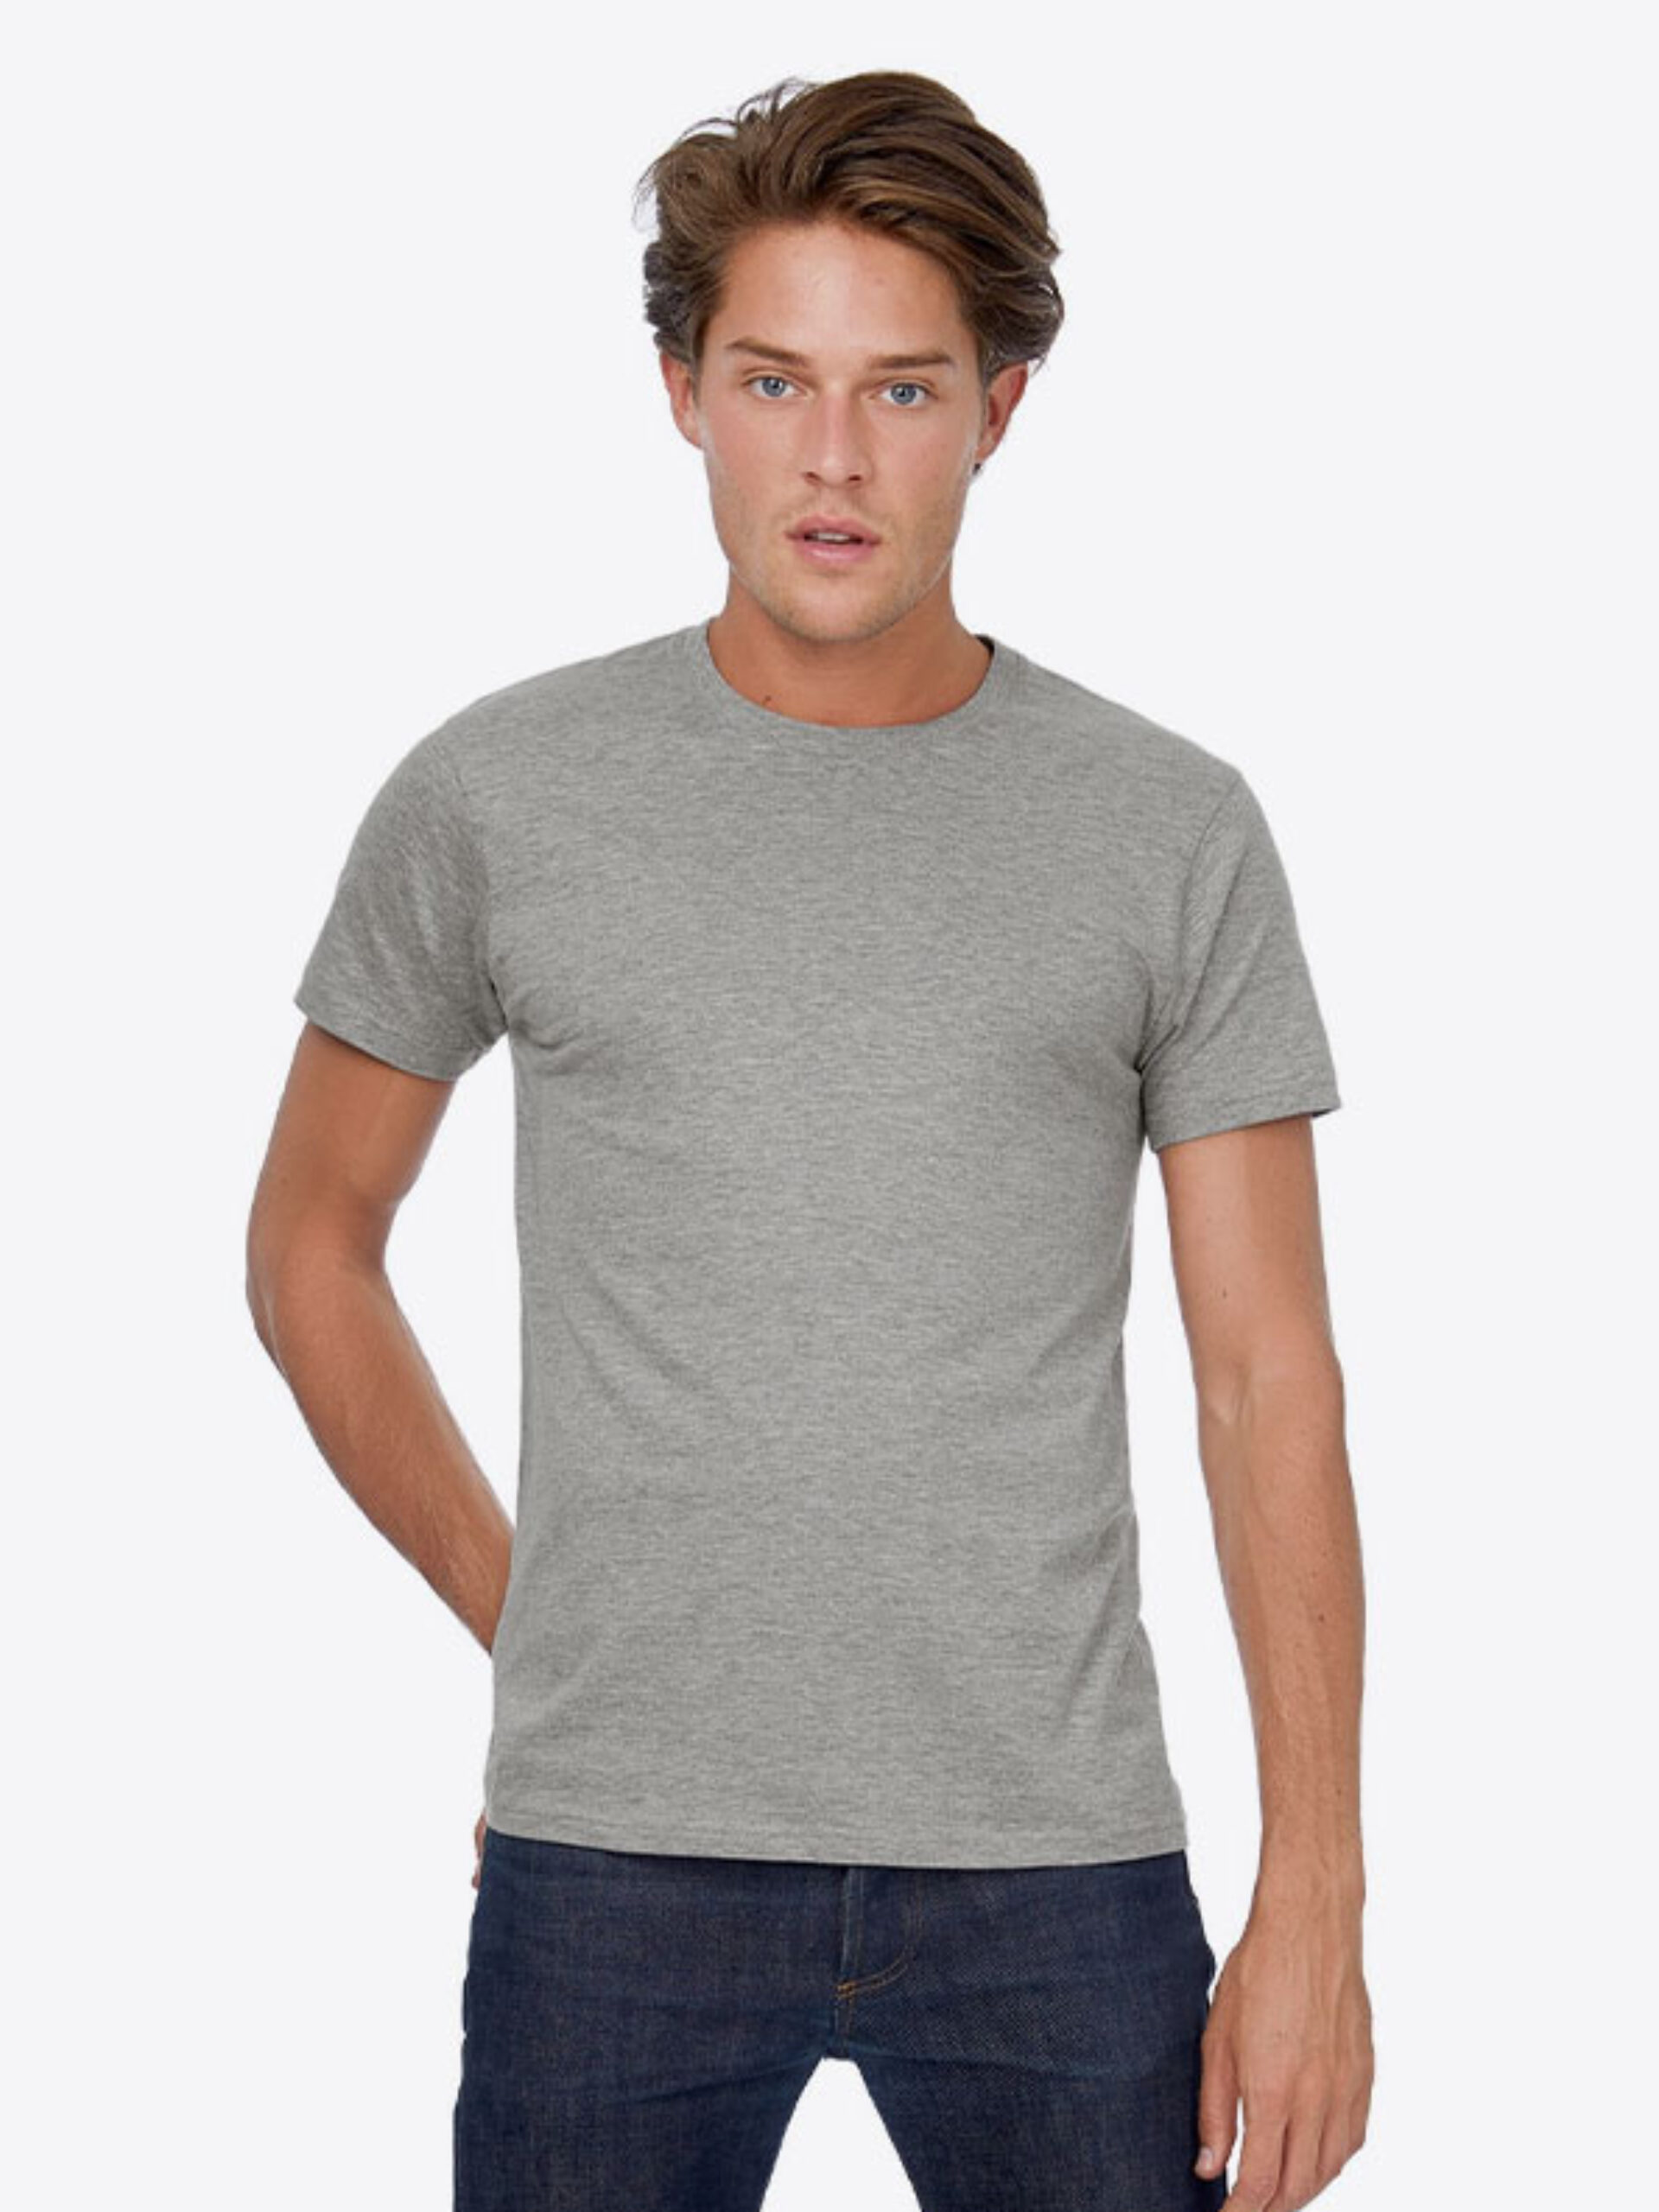 T Shirt B&C E150 Herren Budget Baumwolle Mit Logo Siebdruck